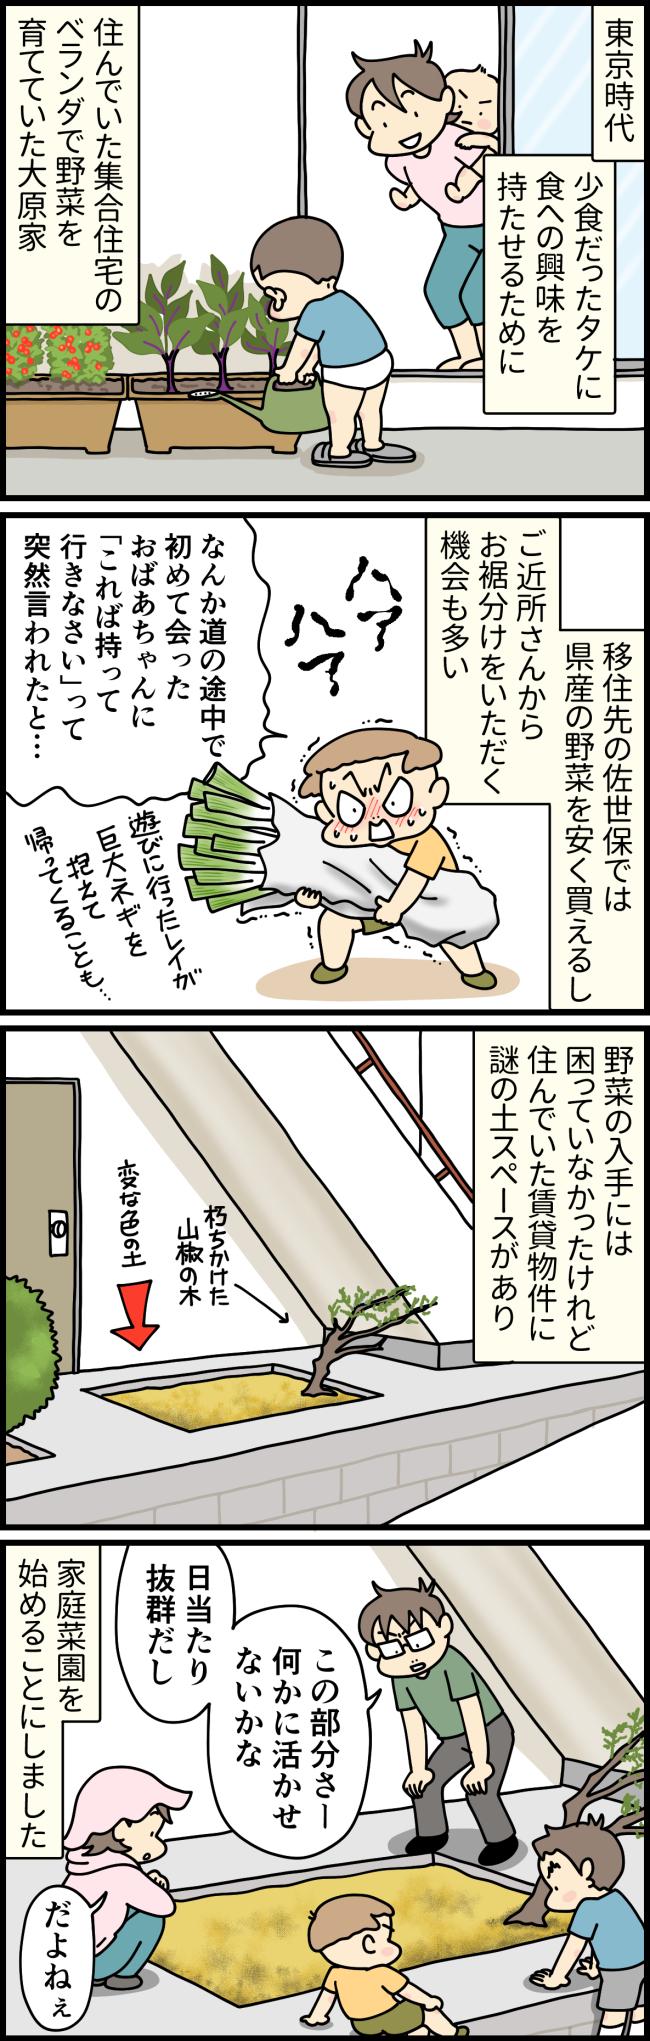 東京から移住してきた長崎県佐世保市の賃貸物件で、大原家が家庭菜園を始めることになった経緯